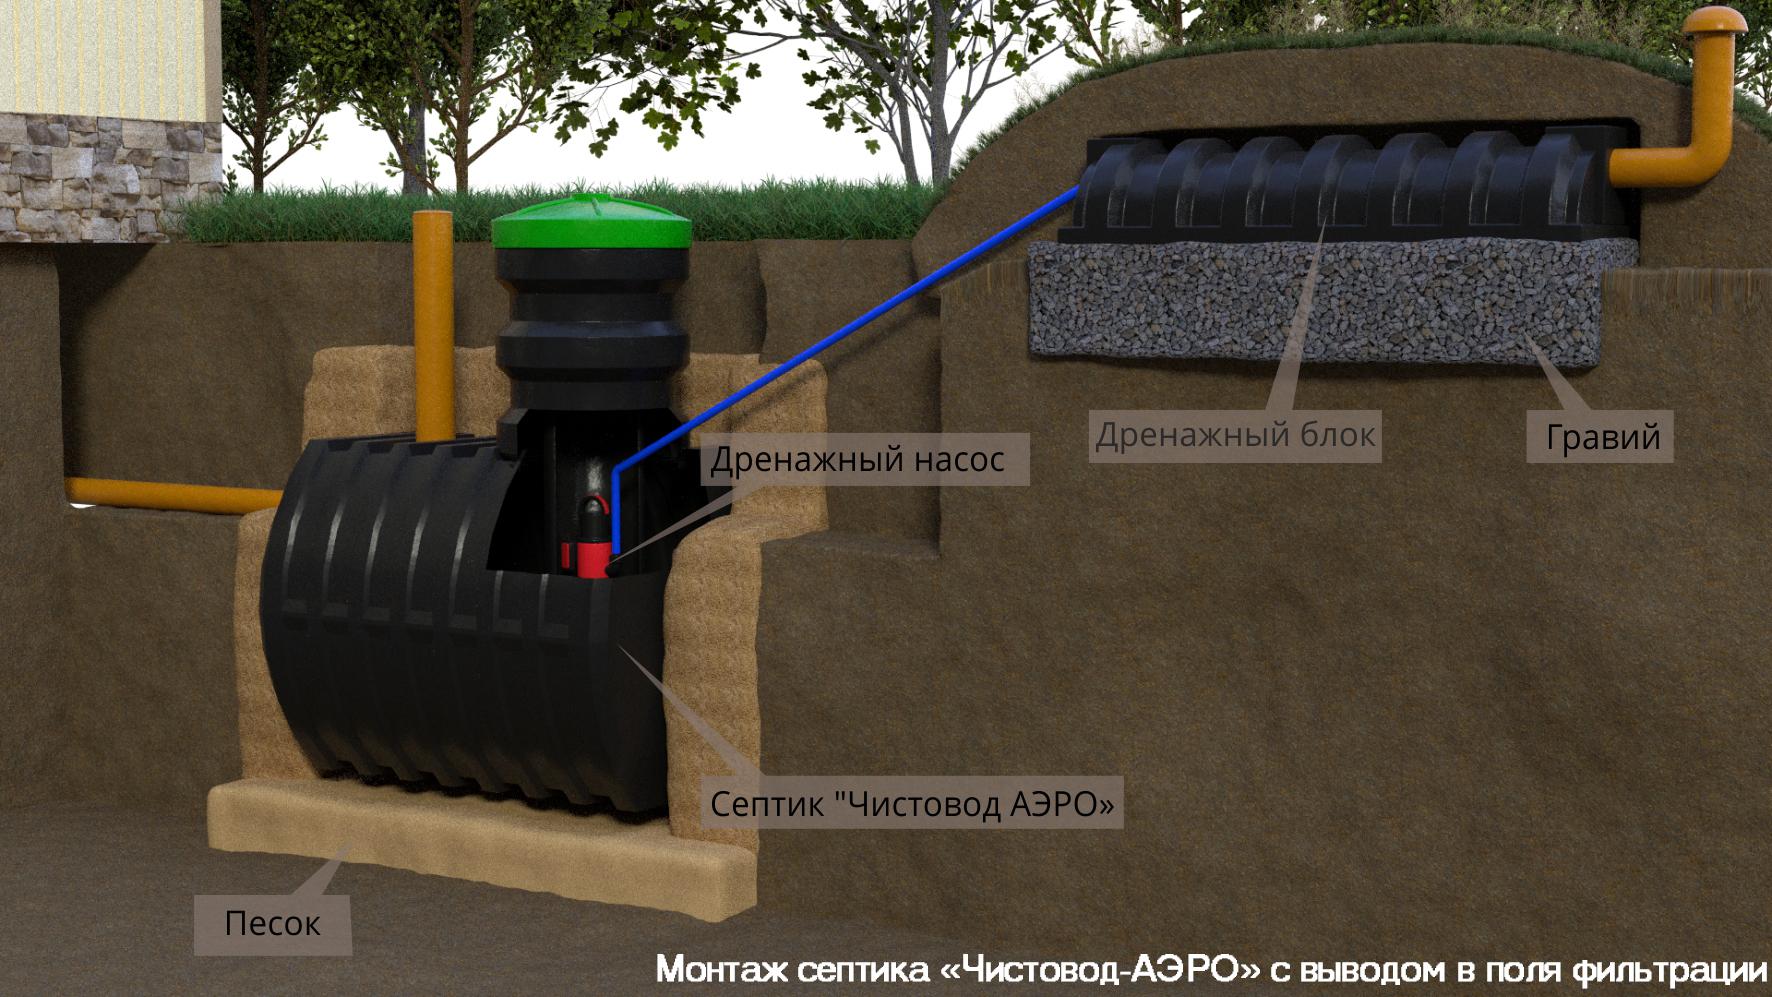 Монтаж ЛОС с насосом и выводом в поля фильтрации